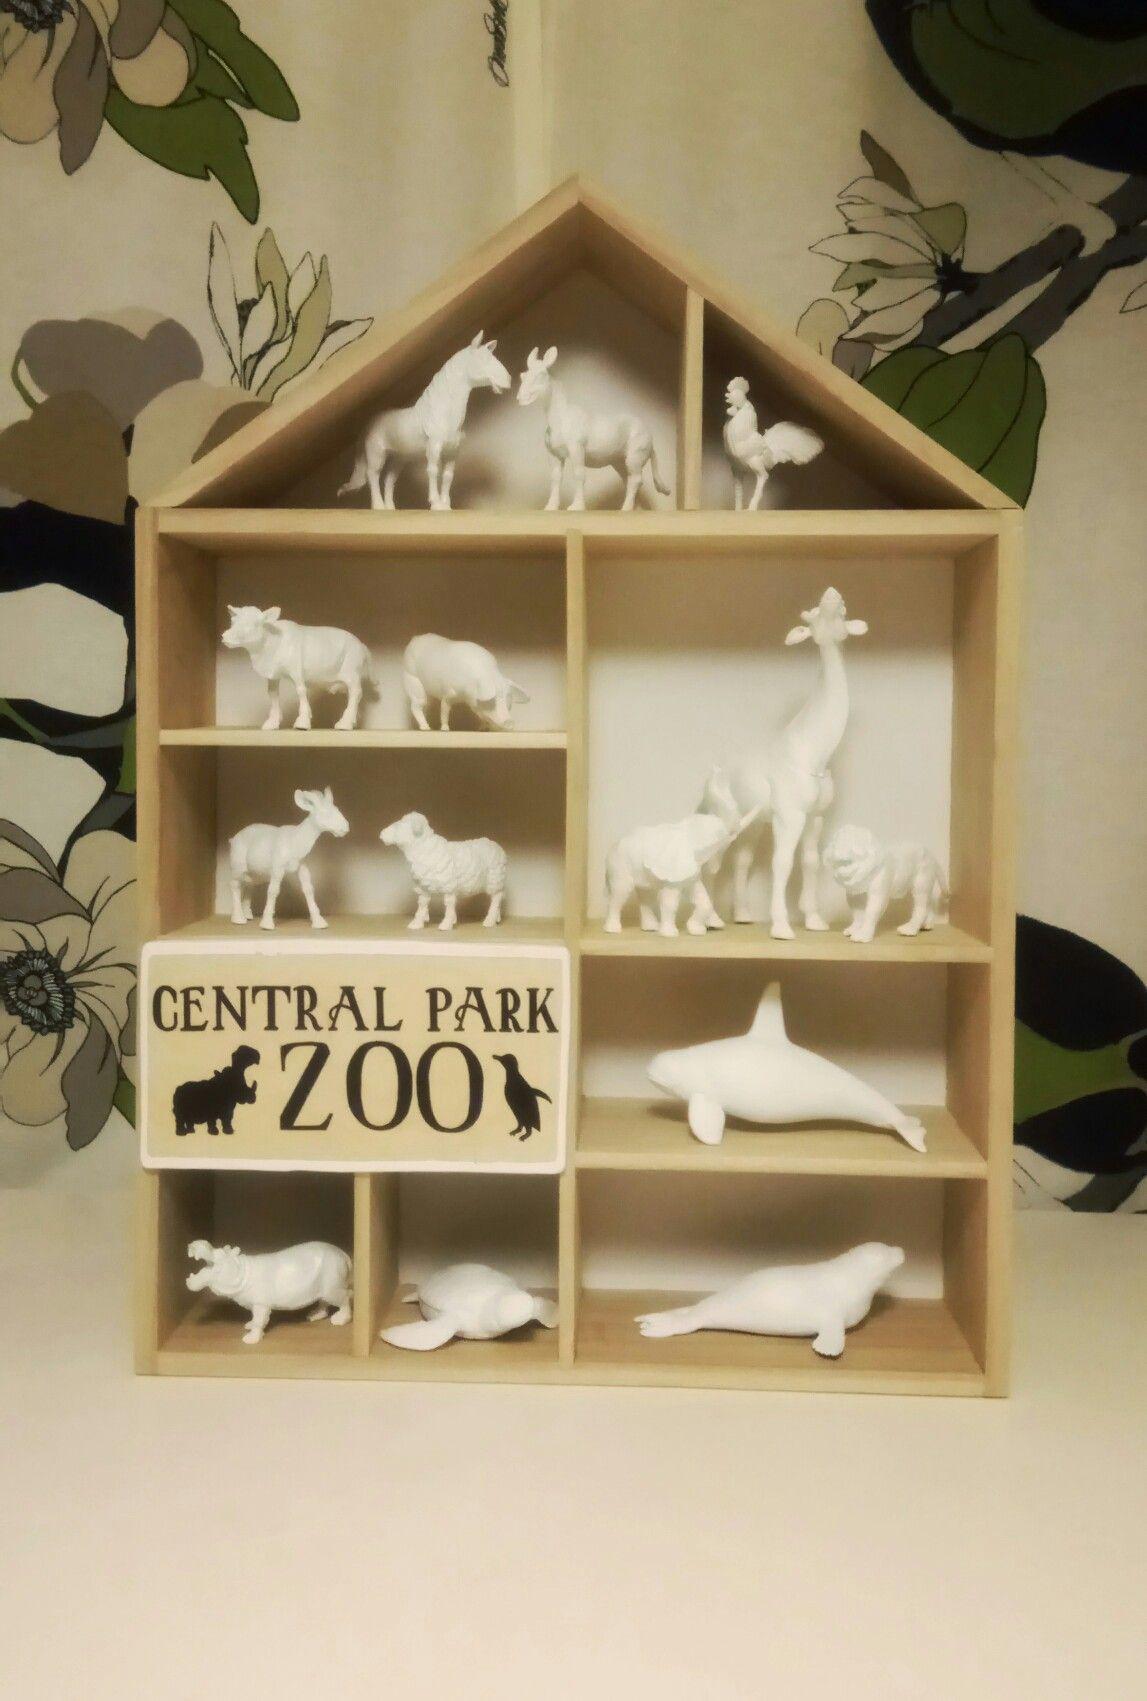 Hyllystä, vanerista ja maalatuista lelueläimistä tehty pikku eläintarha.